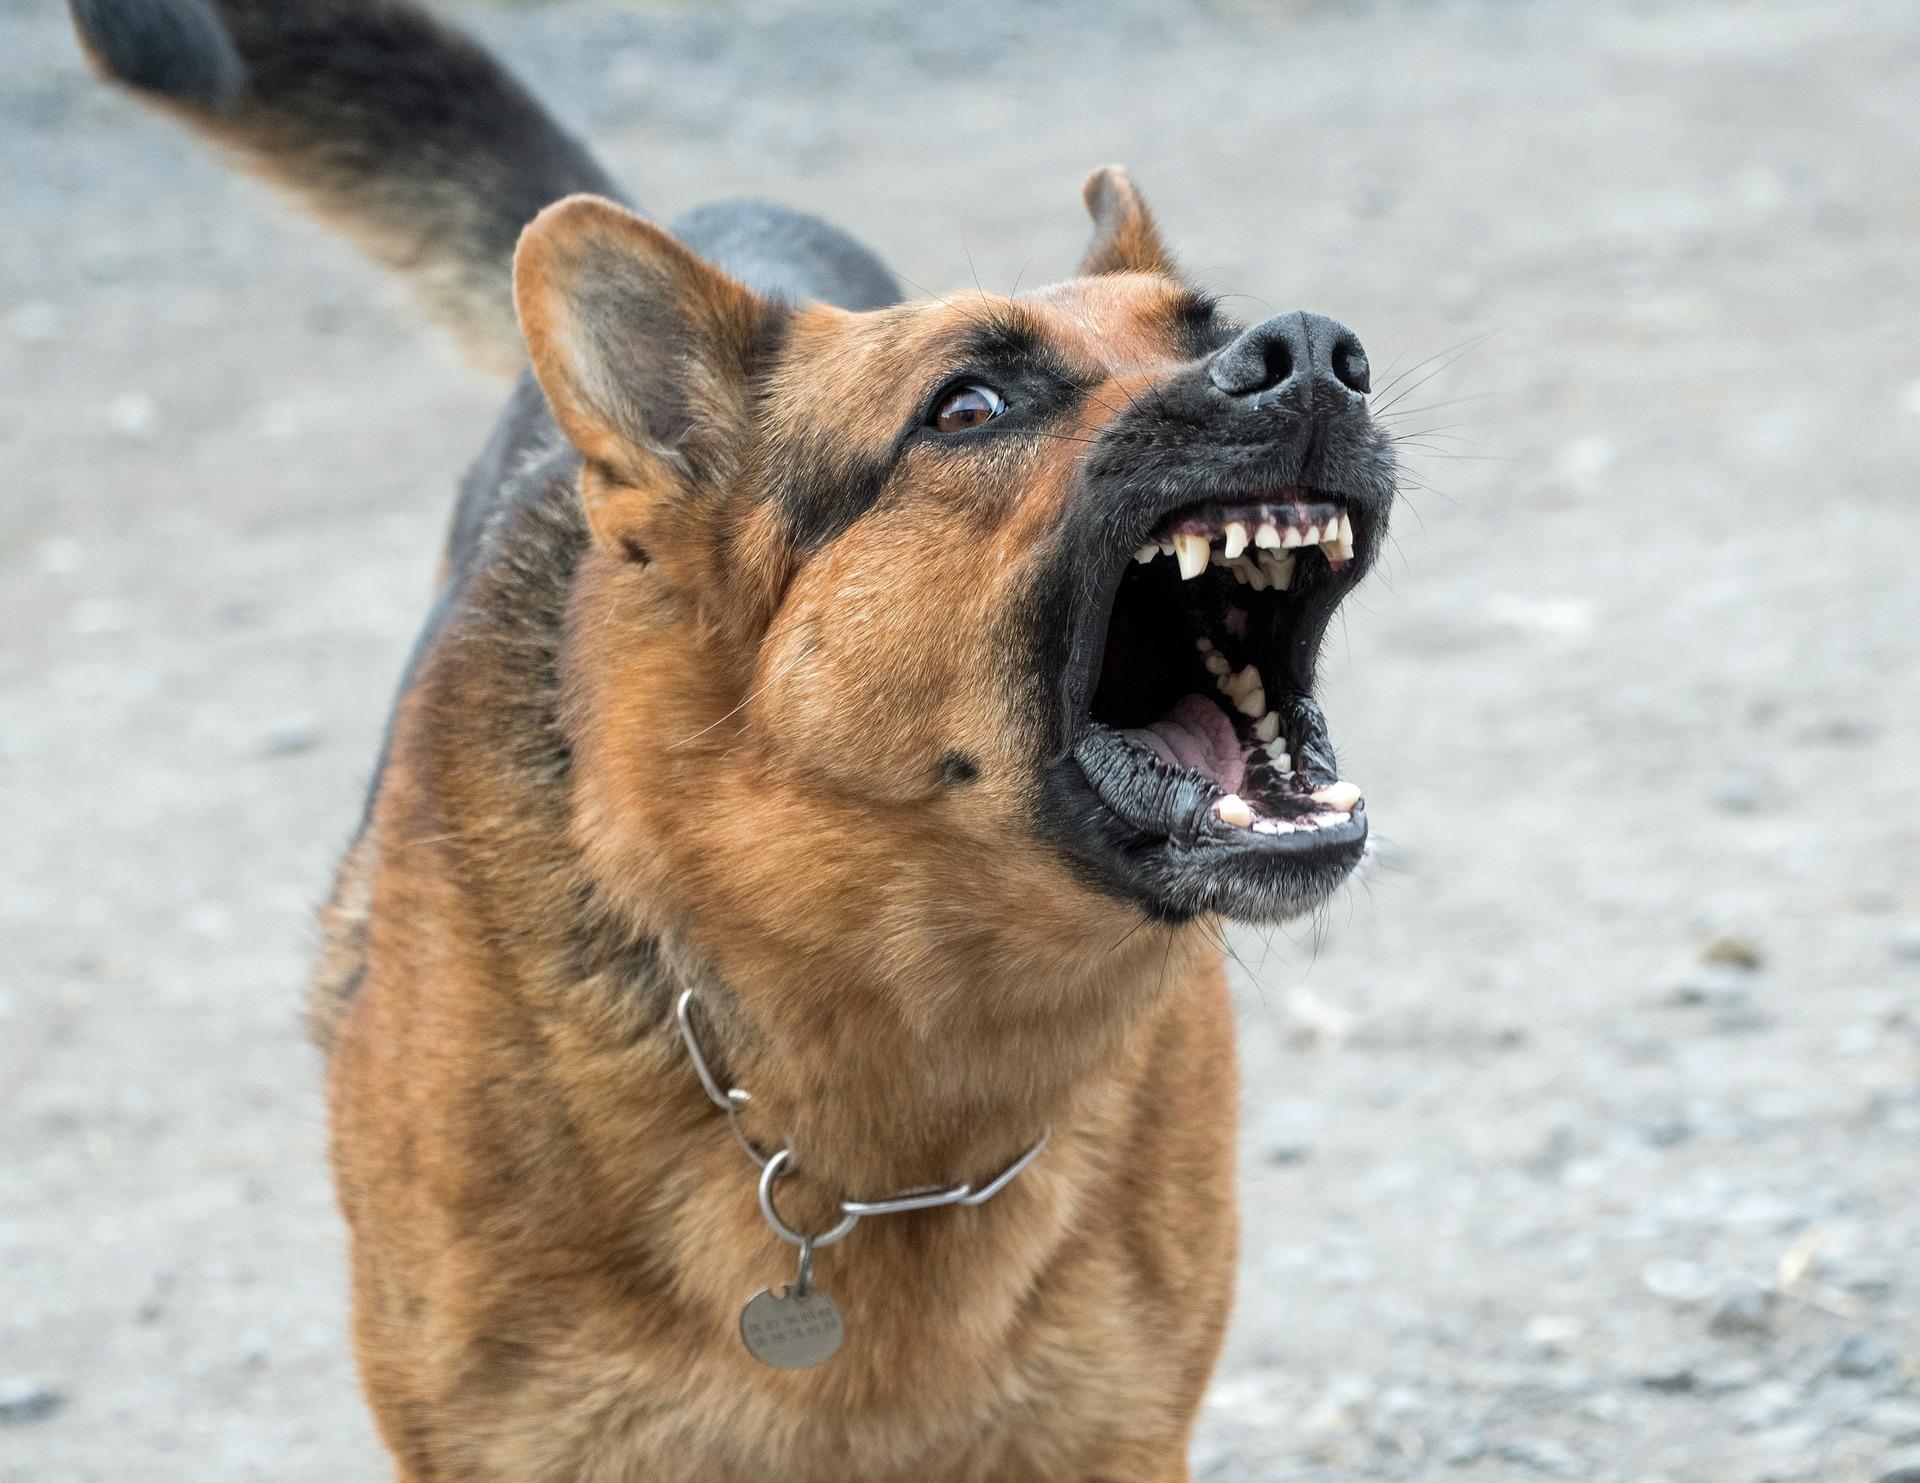 W Domaktowie psy zaatakowały kobietę podczas spaceru  - Zdjęcie główne